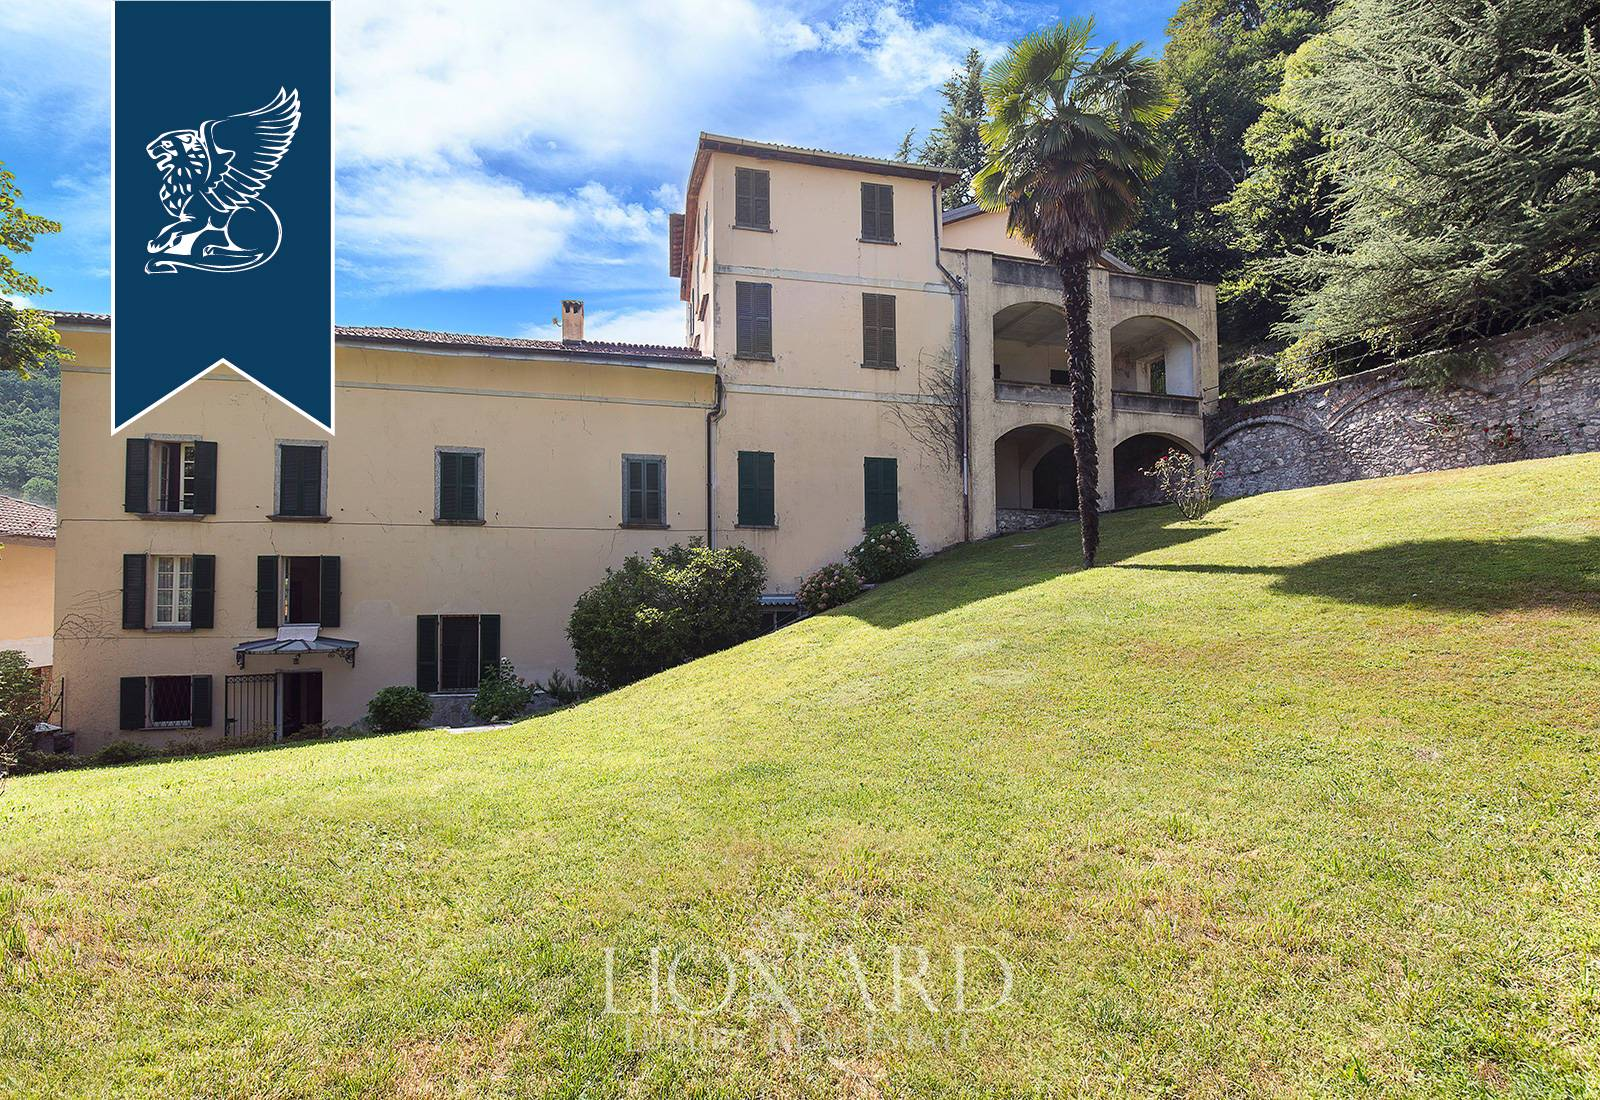 Palazzo in Vendita a Castello Cabiaglio: 0 locali, 1000 mq - Foto 9